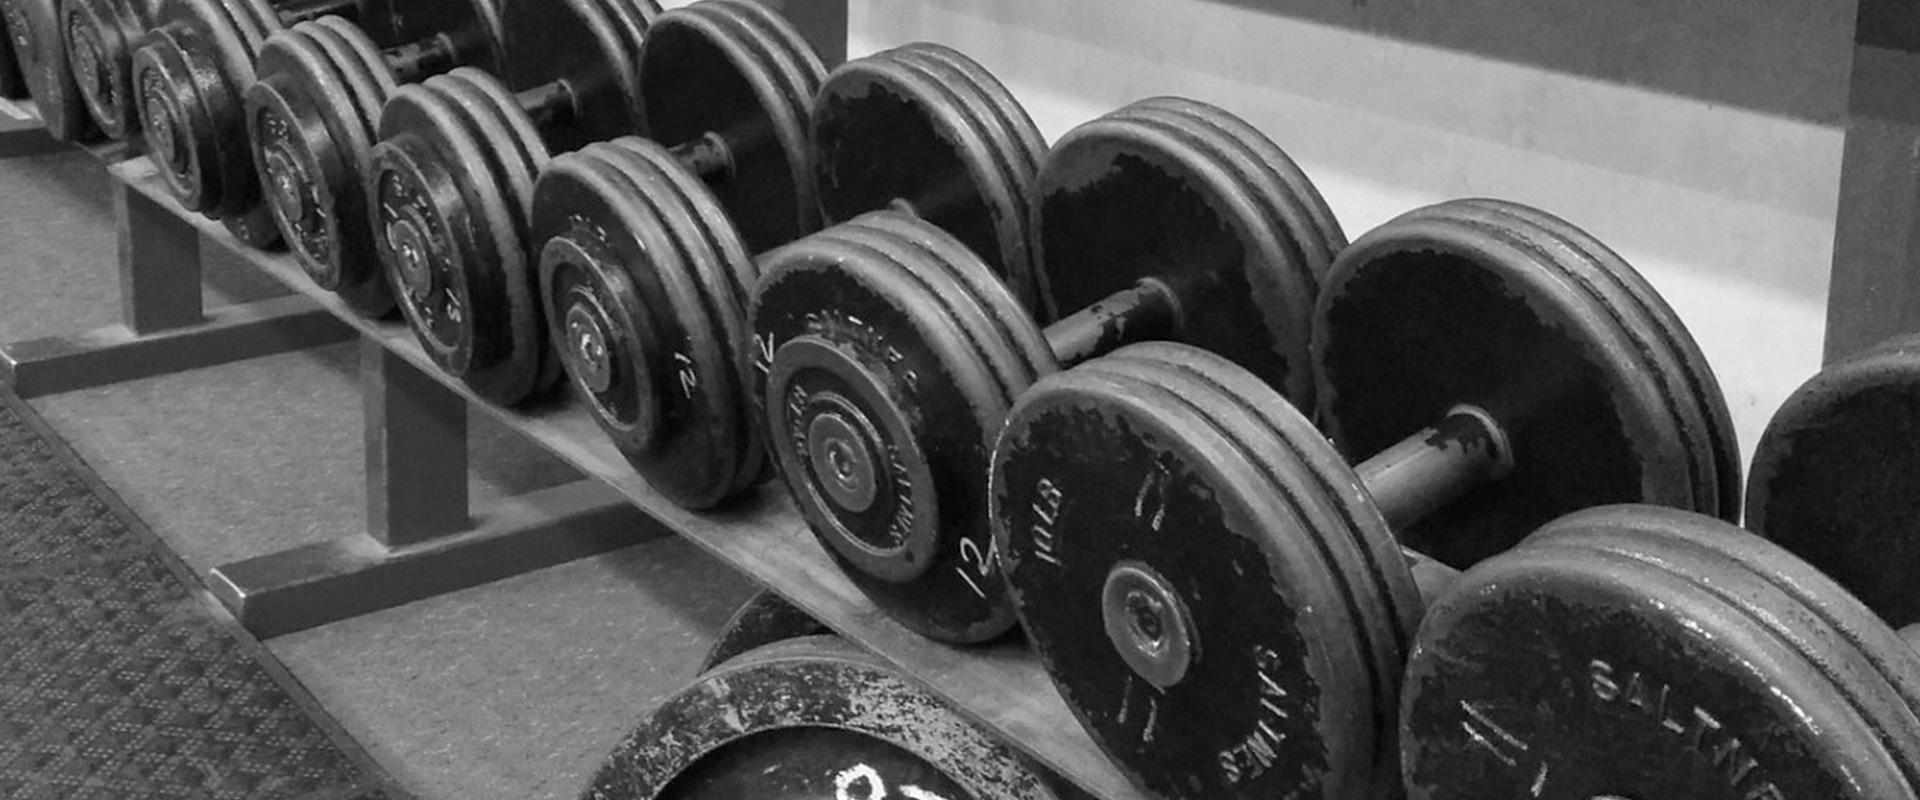 Izbor vježbi i intervali odmora za trening hipertrofije